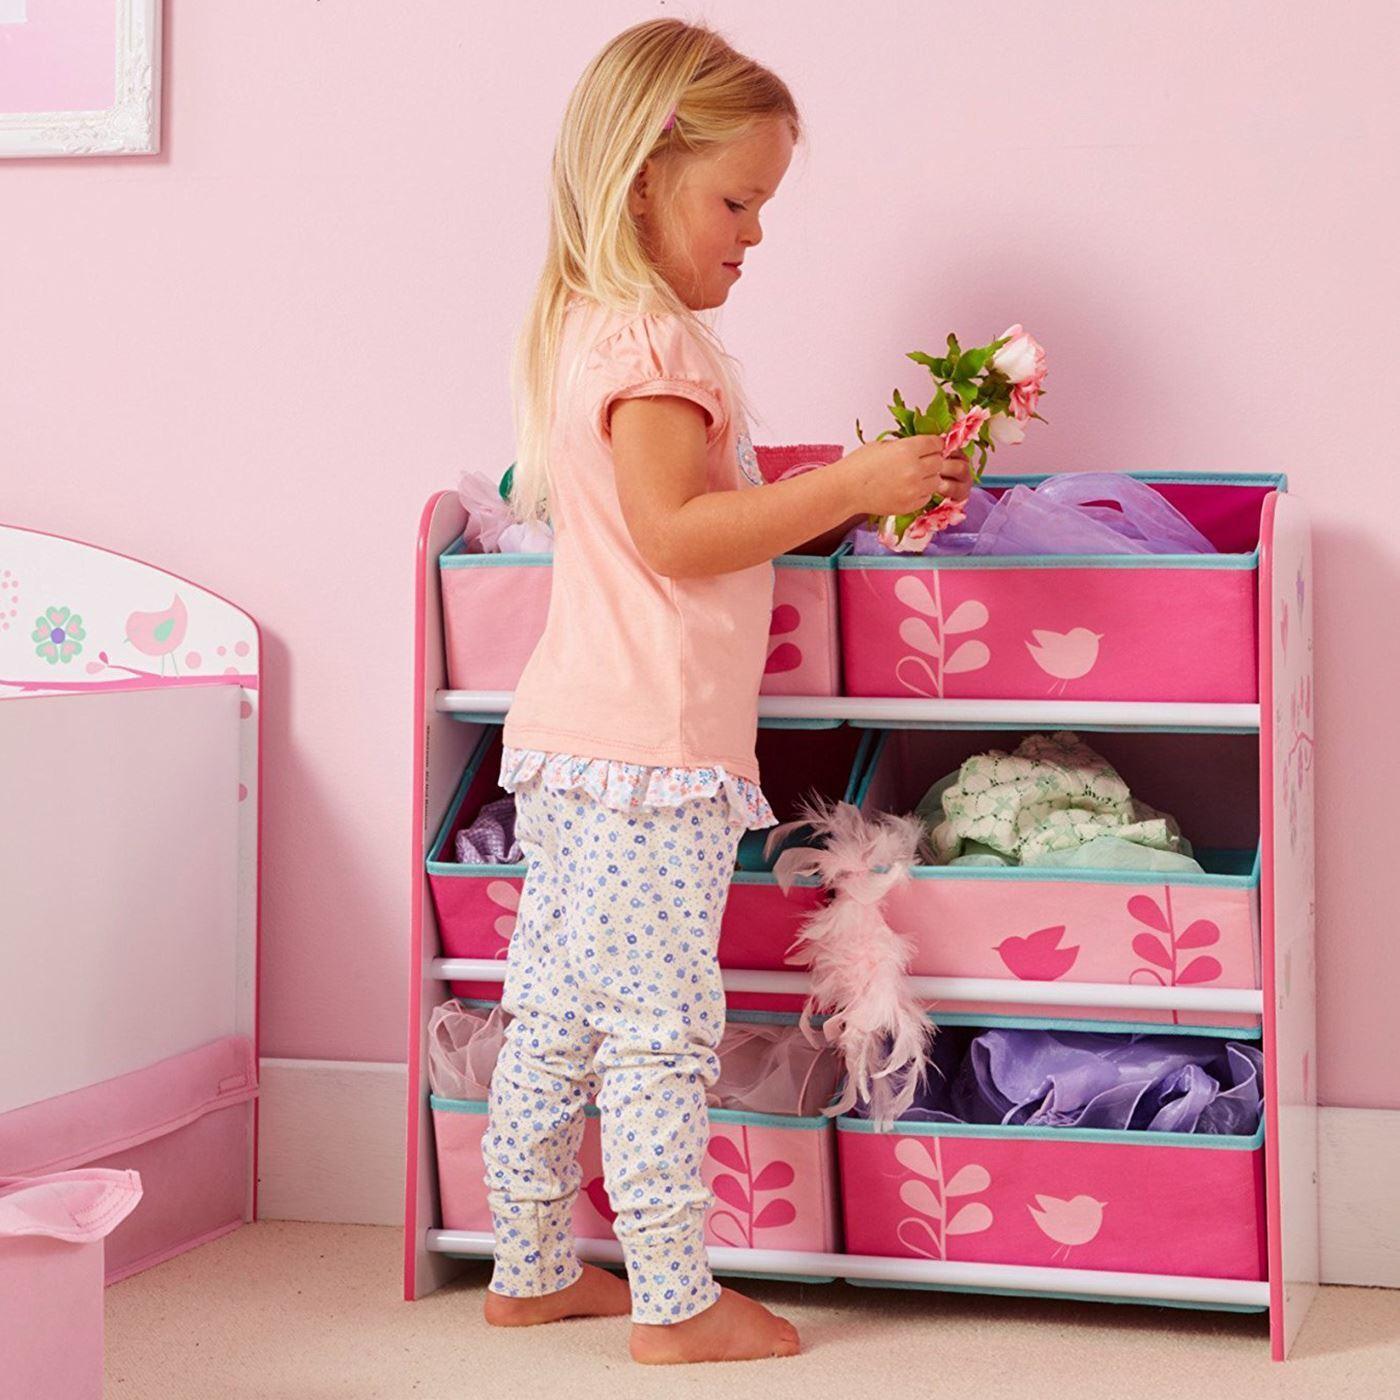 FLEURS & OISEAUX Sling Bibliothèque & Toy Box & 6 Poubelle Meuble De Rangement Meubles